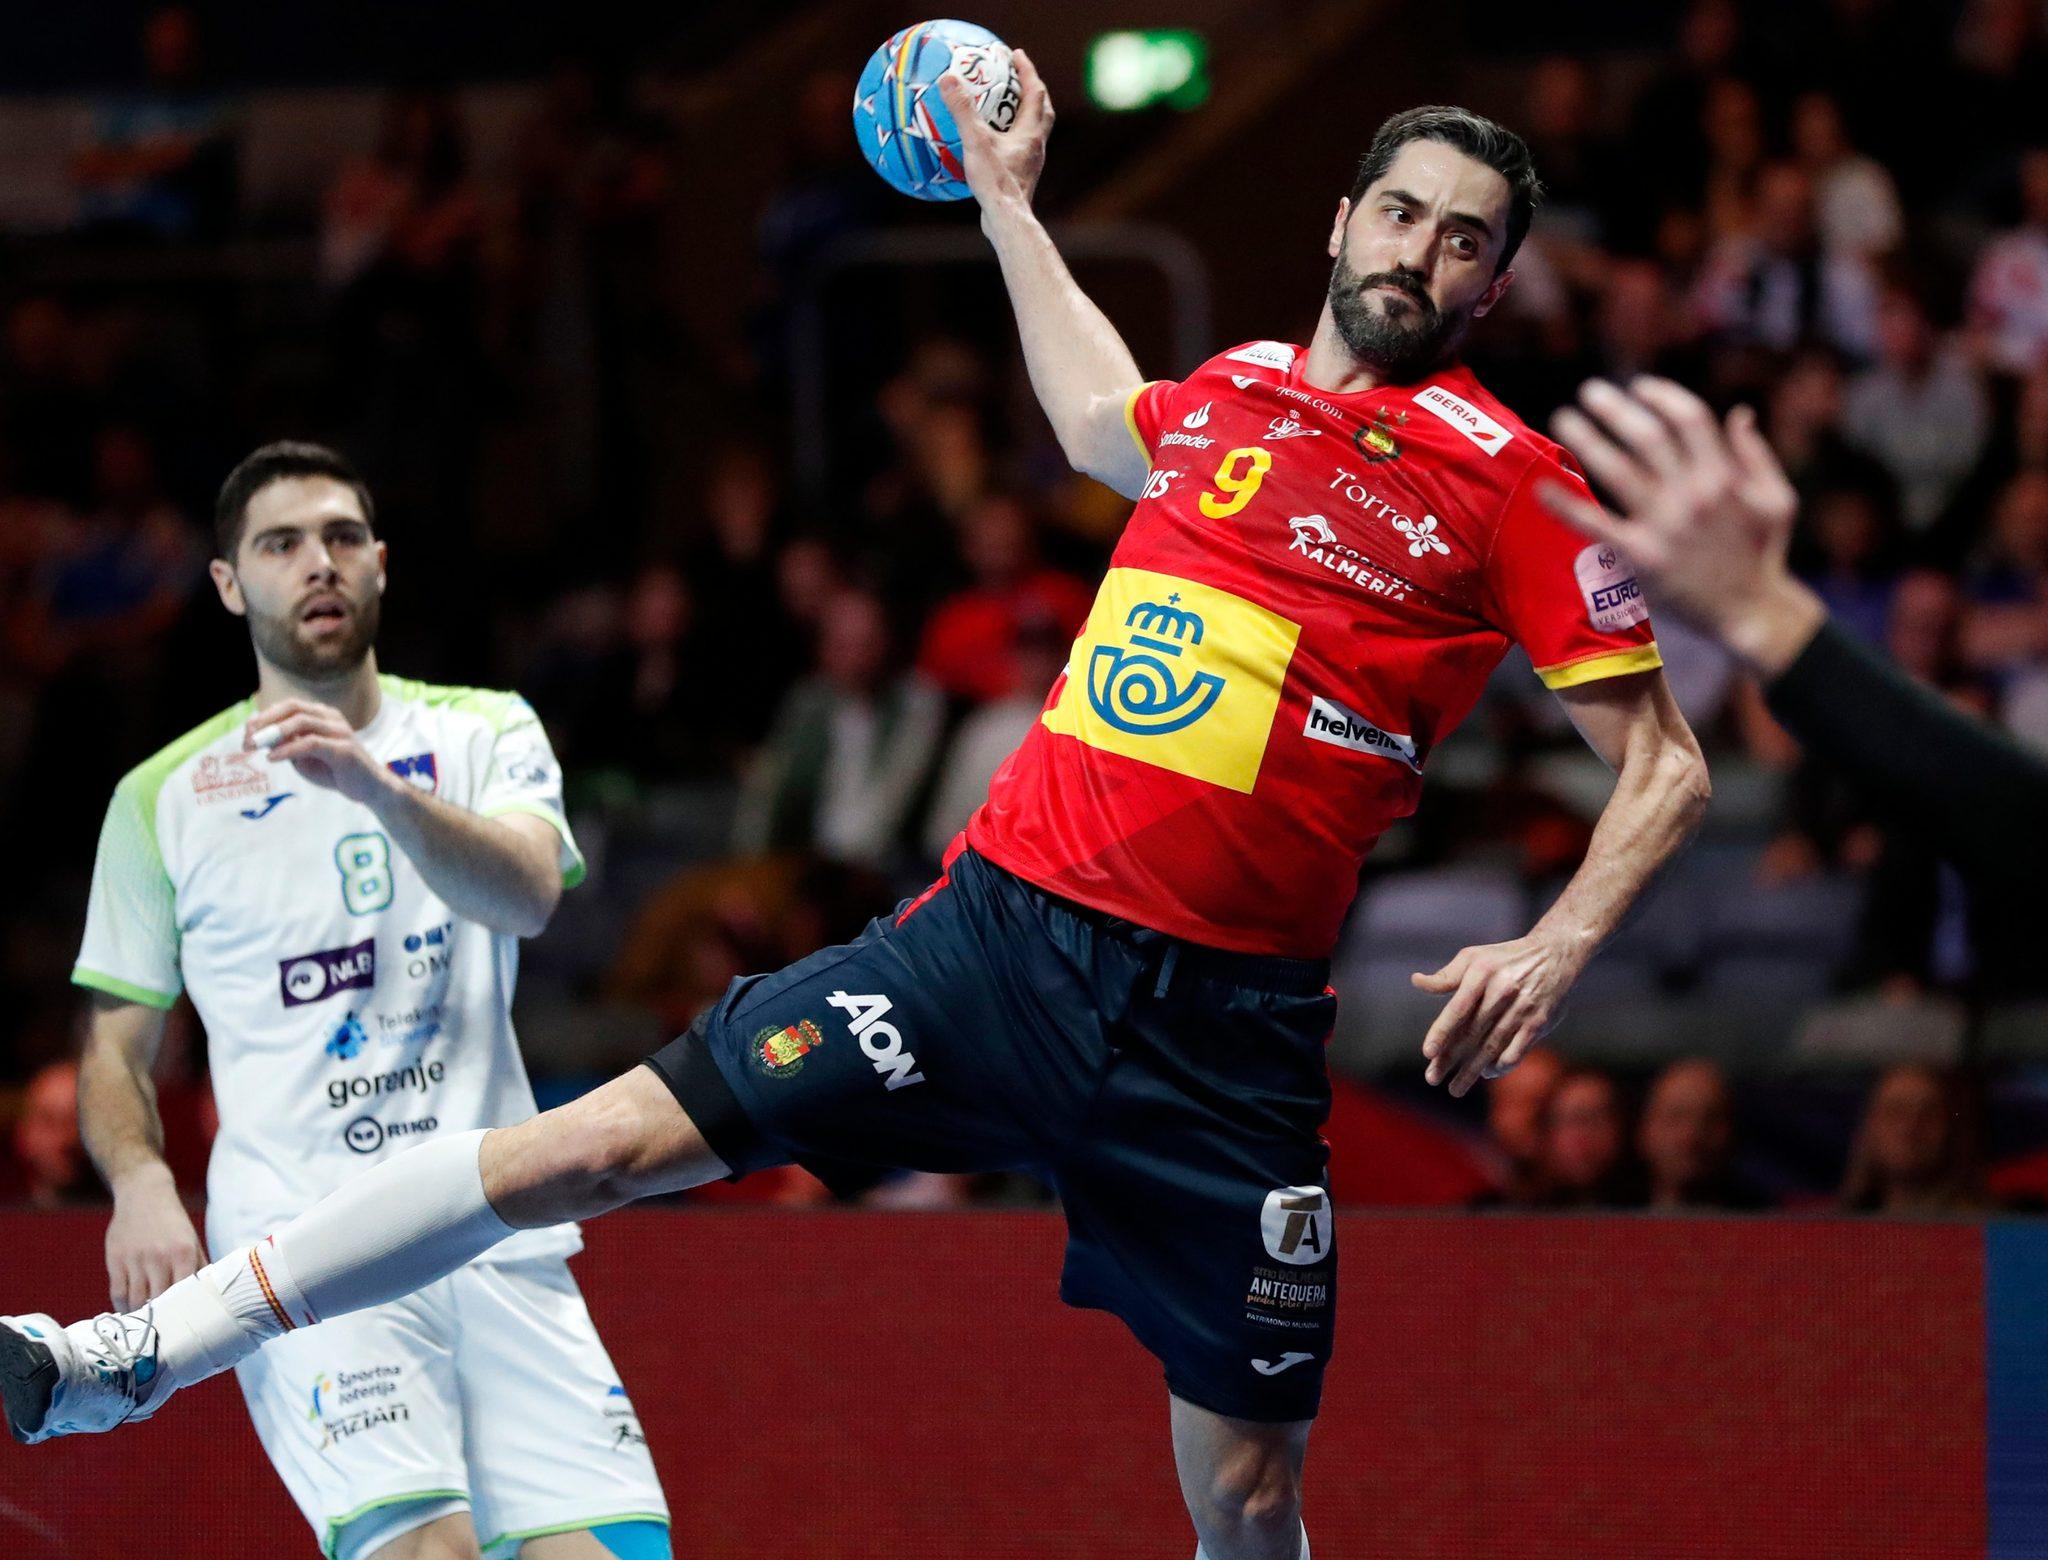 El capitán de la selección española, Raúl Entrerríos, lanza ante...